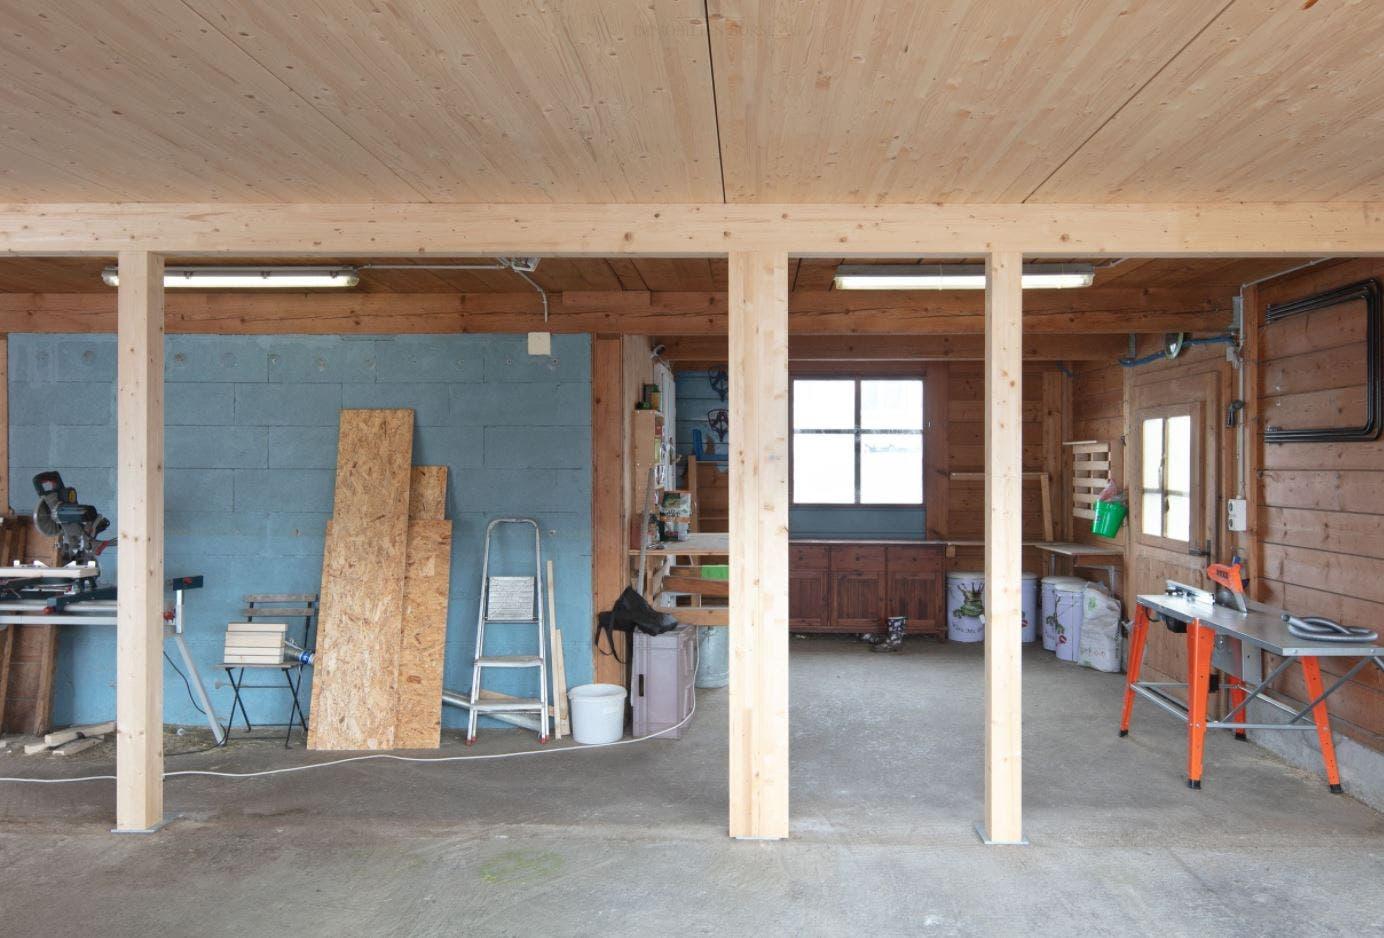 Einige Arbeiten wurden noch nicht zu Ende geführt und lassen den neuen Besitzern Raum zur Mitbestimmung.